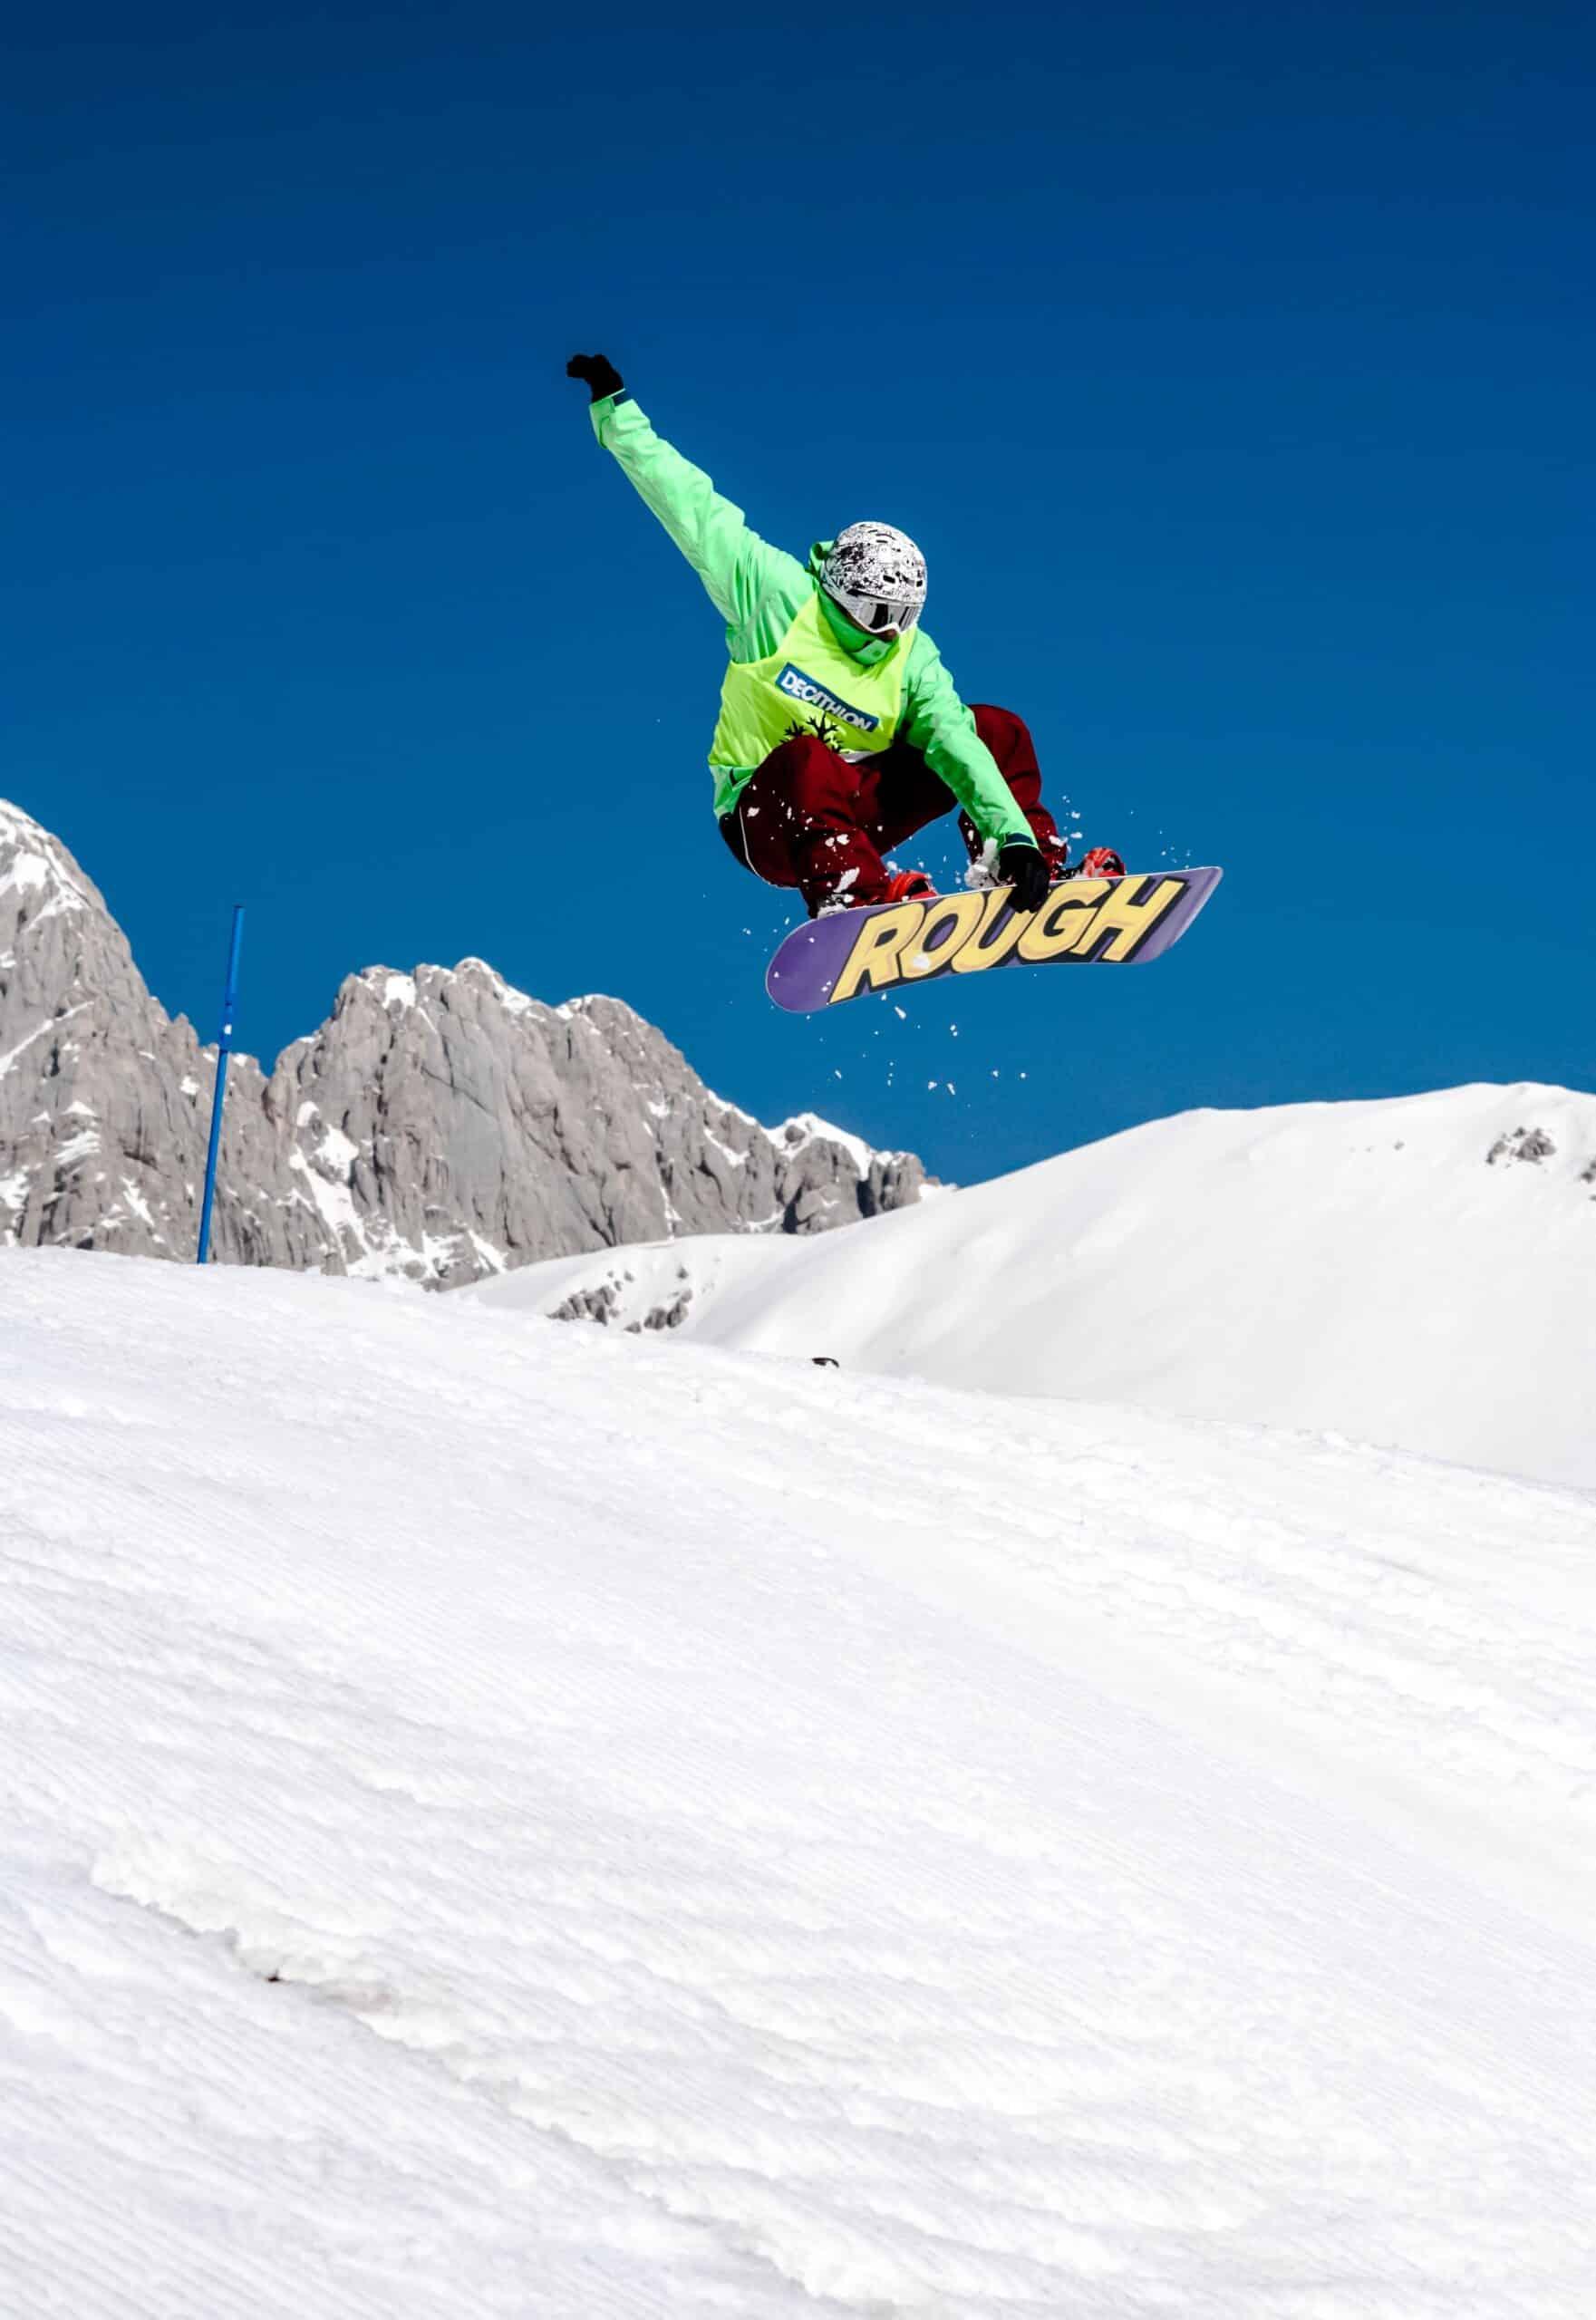 man on best snowboard